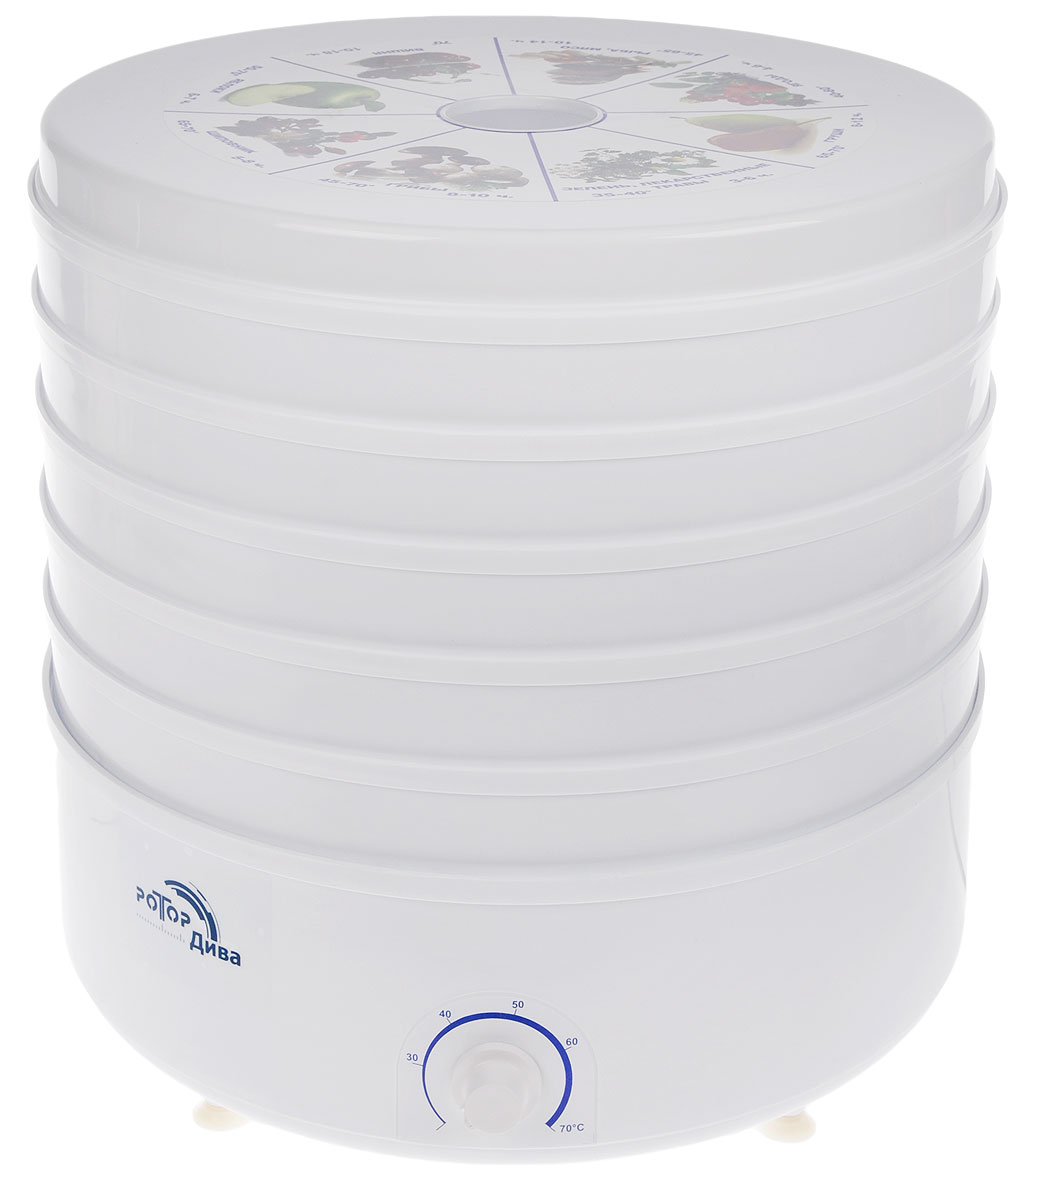 Дива СШ 007 (007-04), White сушилка для овощей - Техника для хранения, консервации и заготовок